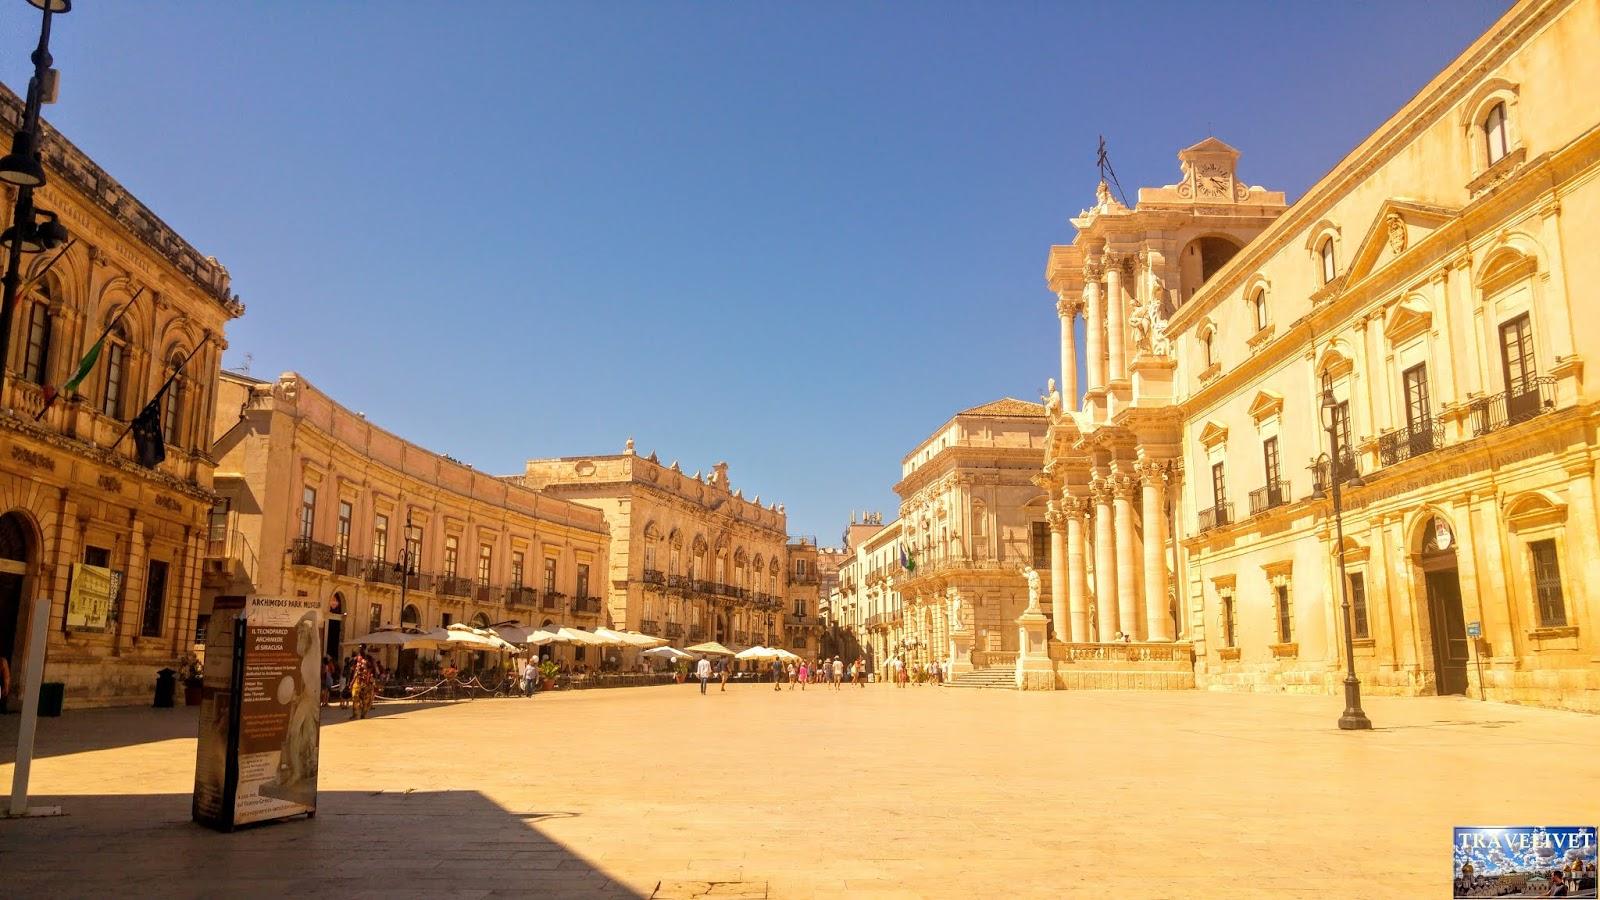 Italie Sicile Syracuse / Syracusa